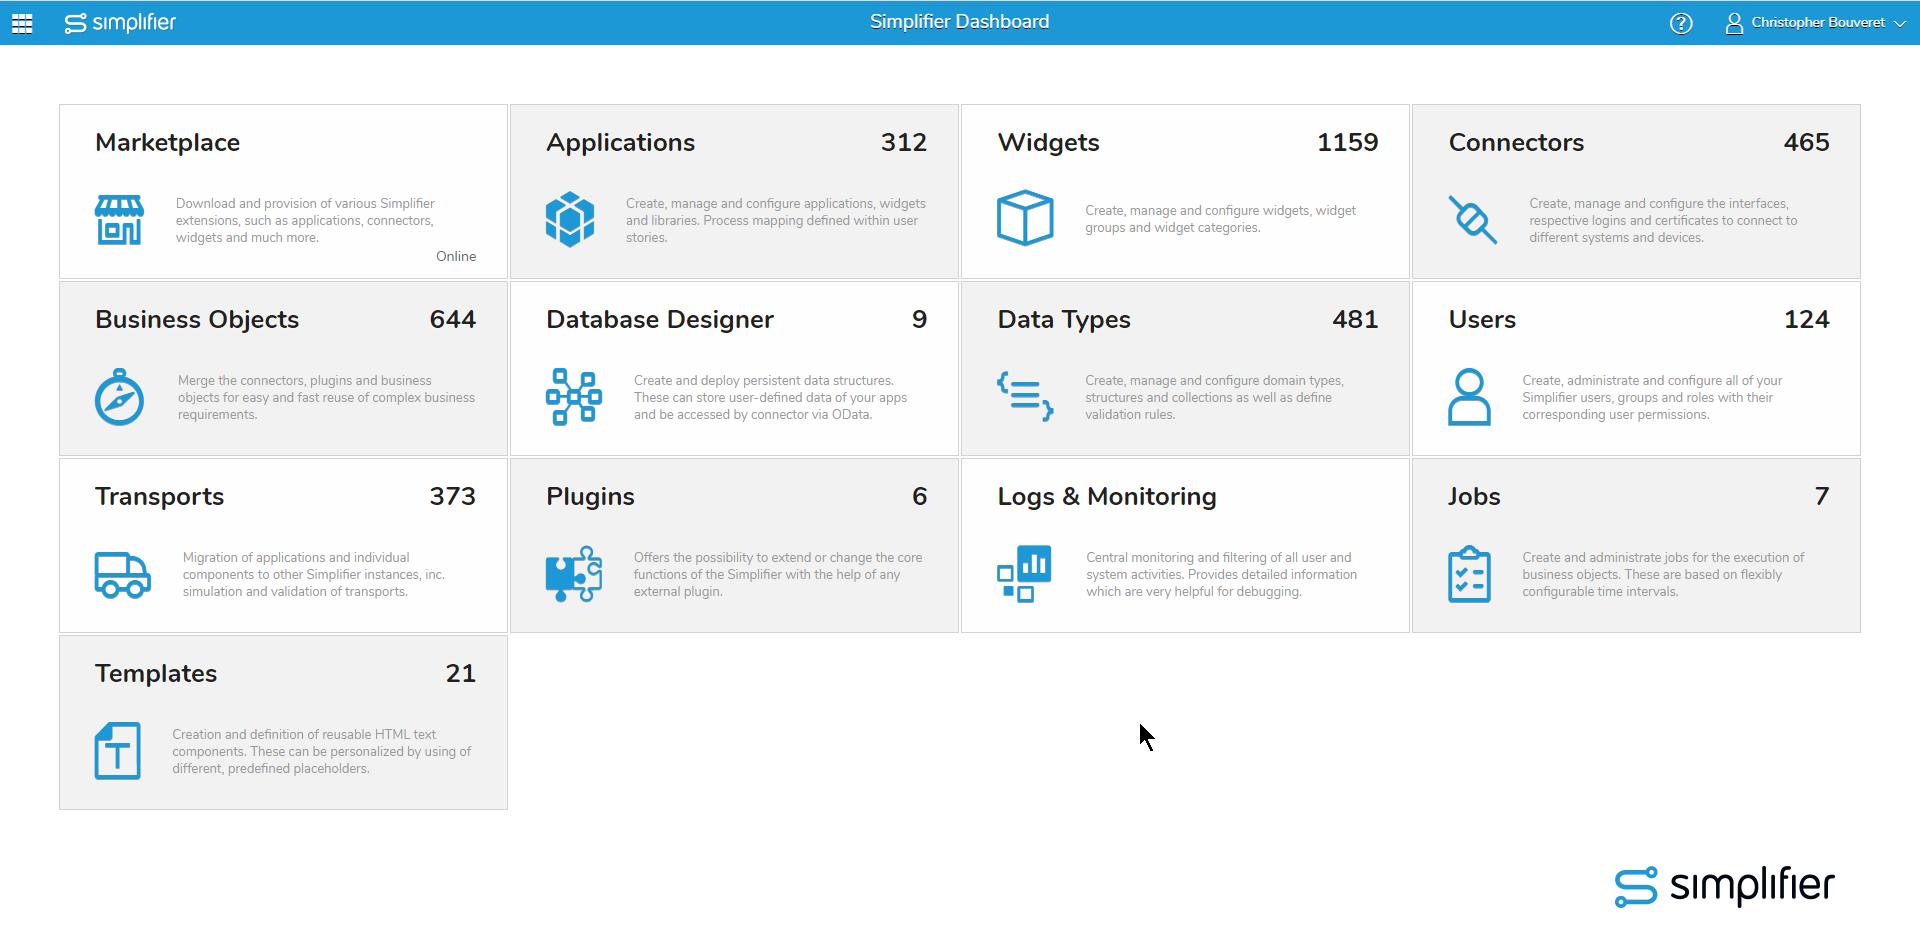 Simplifier Dashboard Release 5.5